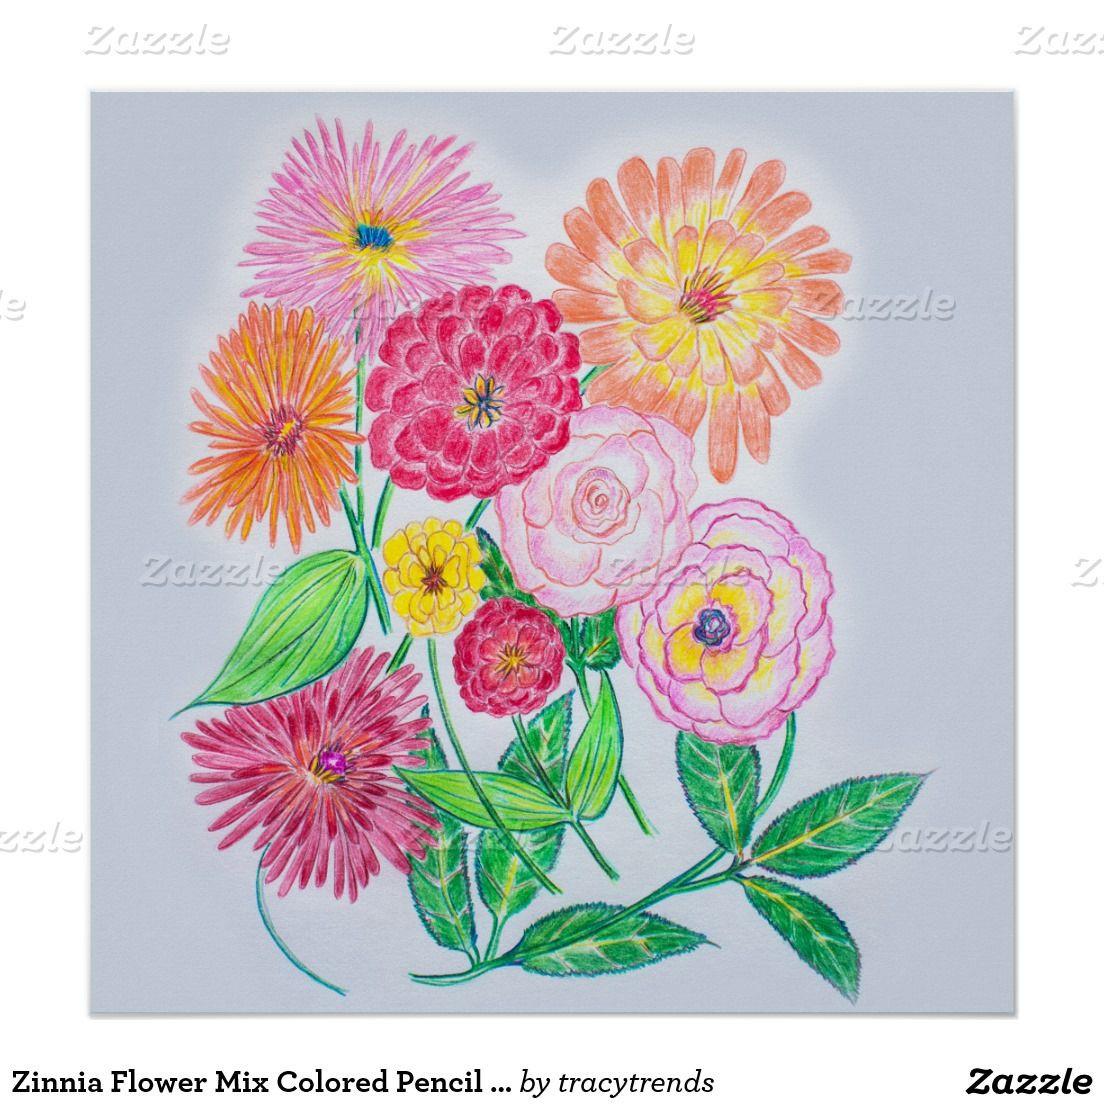 Baum Zeichnung Bleistift Das Beste Von Zinnia Blumen Mischung Farbiges Bleistift Zeichnen Poster Stock